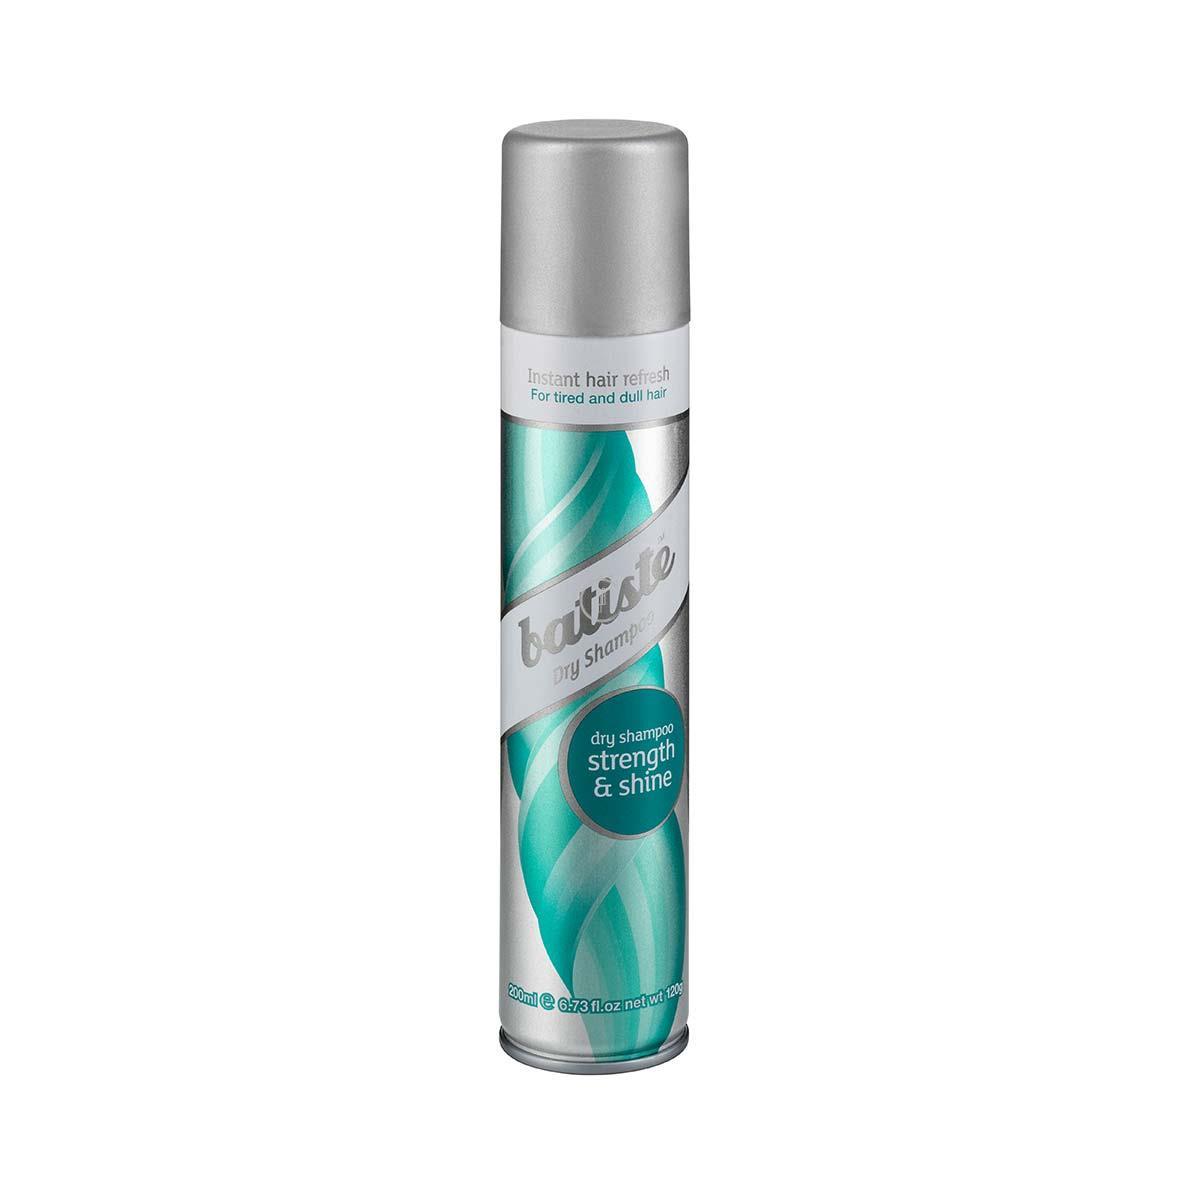 Suchy szampon do włosów, odżywiający i wzmacniający z l-argininą